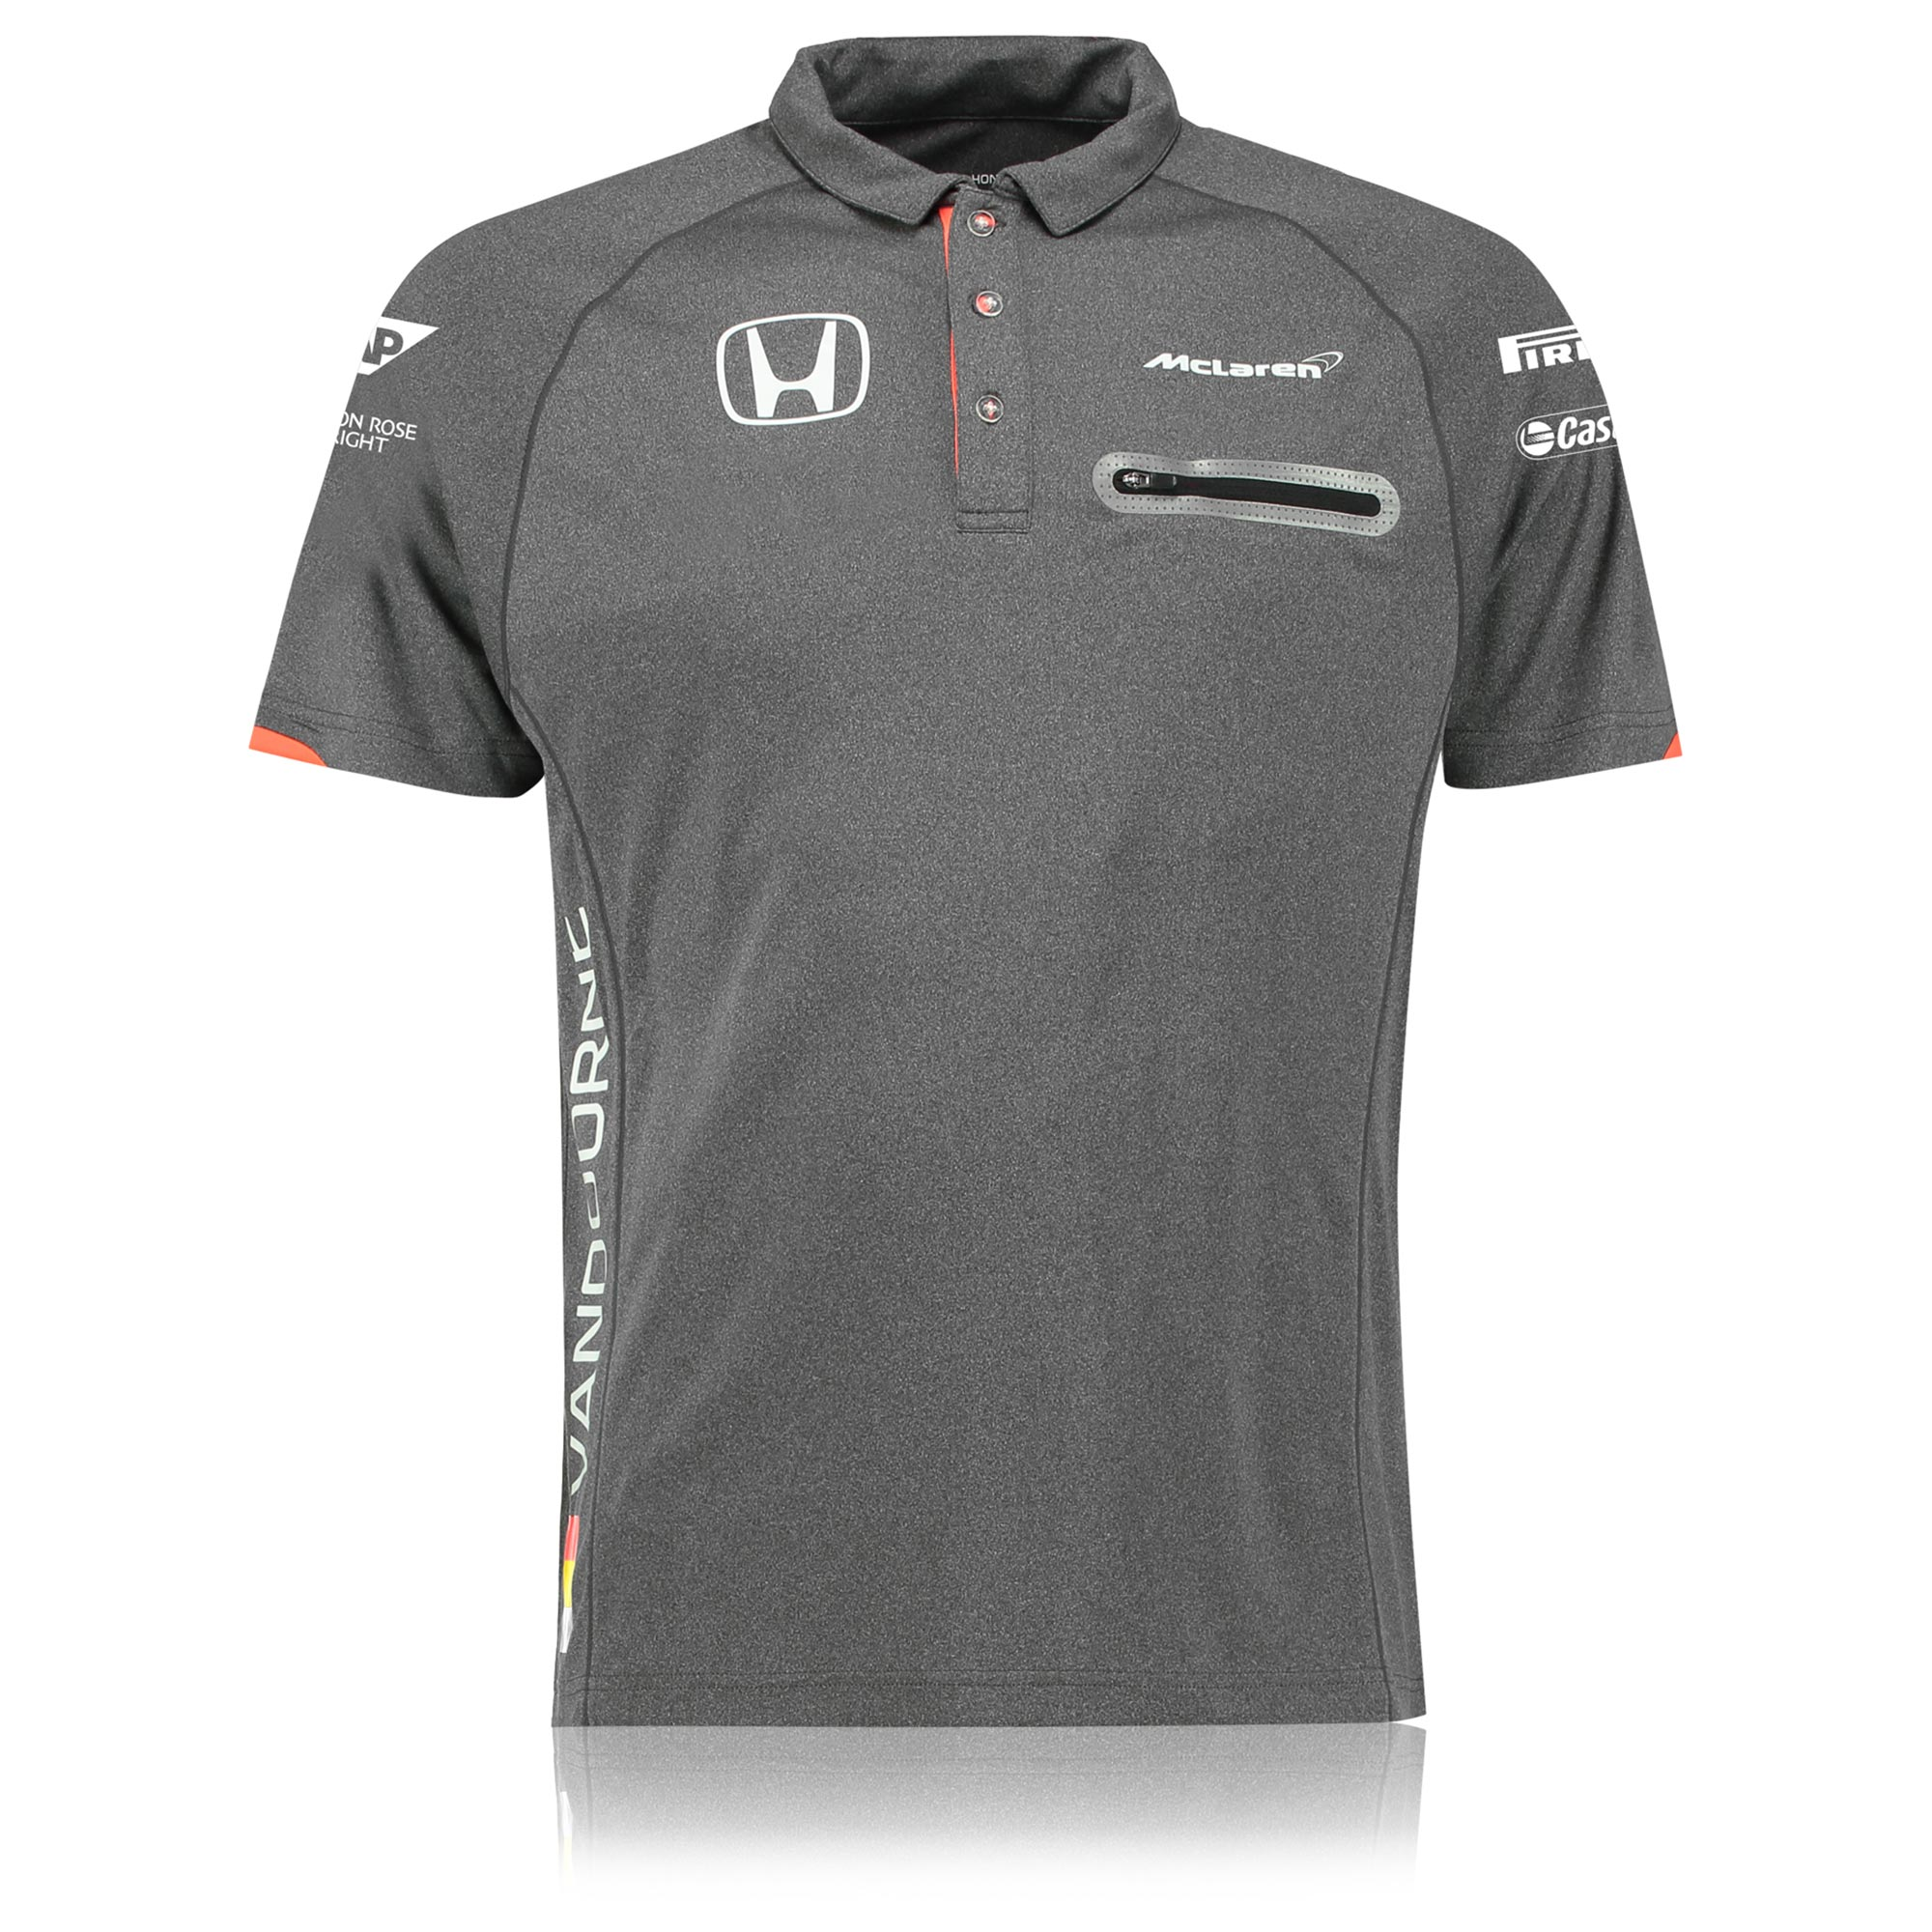 McLaren Honda Official 2017 Stoffel Vandoorne Polo